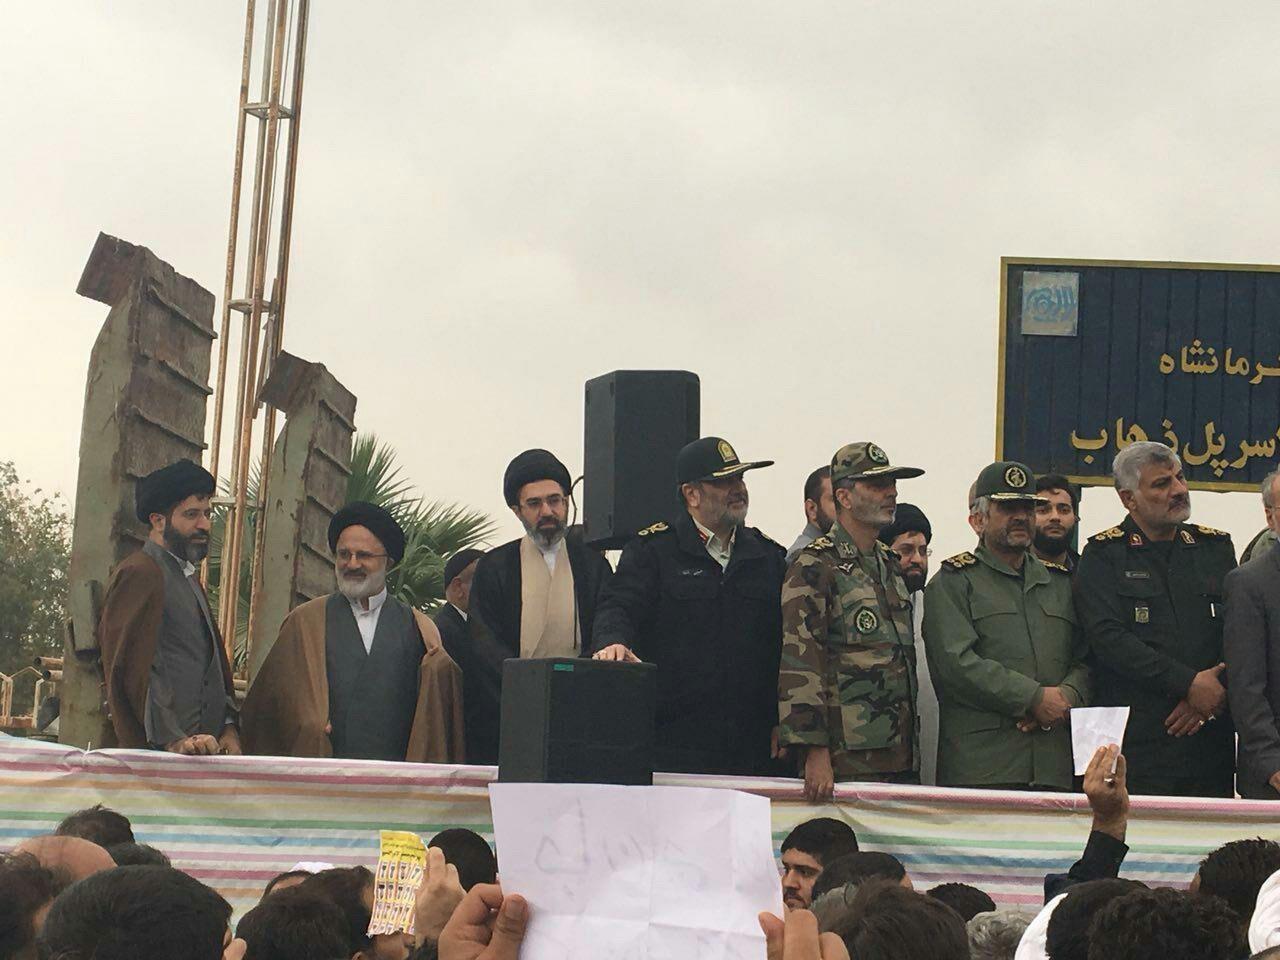 حضور رهبرانقلاب و فرزندانشان در مناطق زلزله زده کرمانشاه